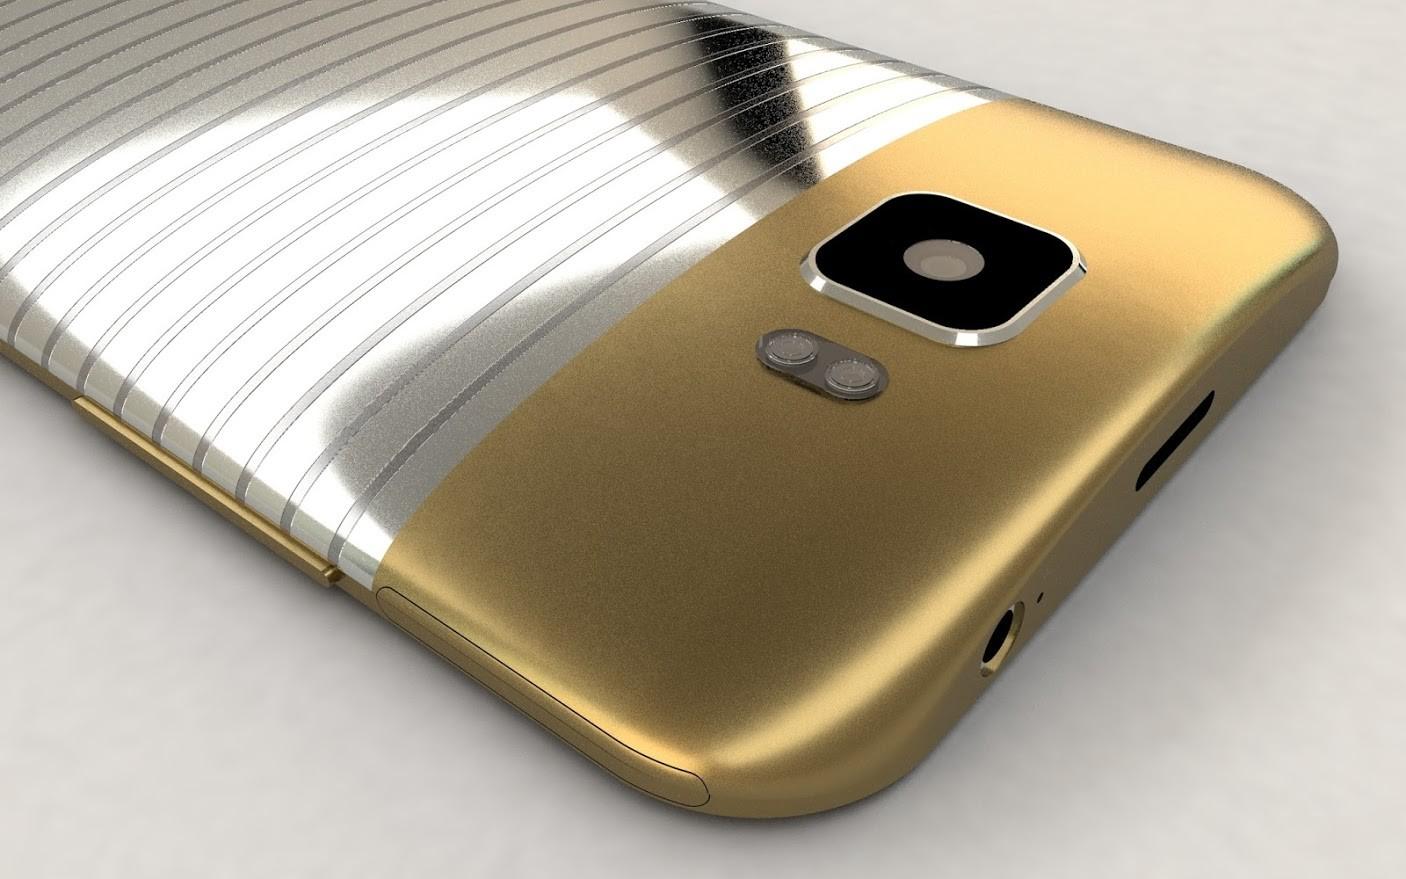 В Сеть попали рендеры смартфонов Samsung Galaxy S7 и S7 Plus